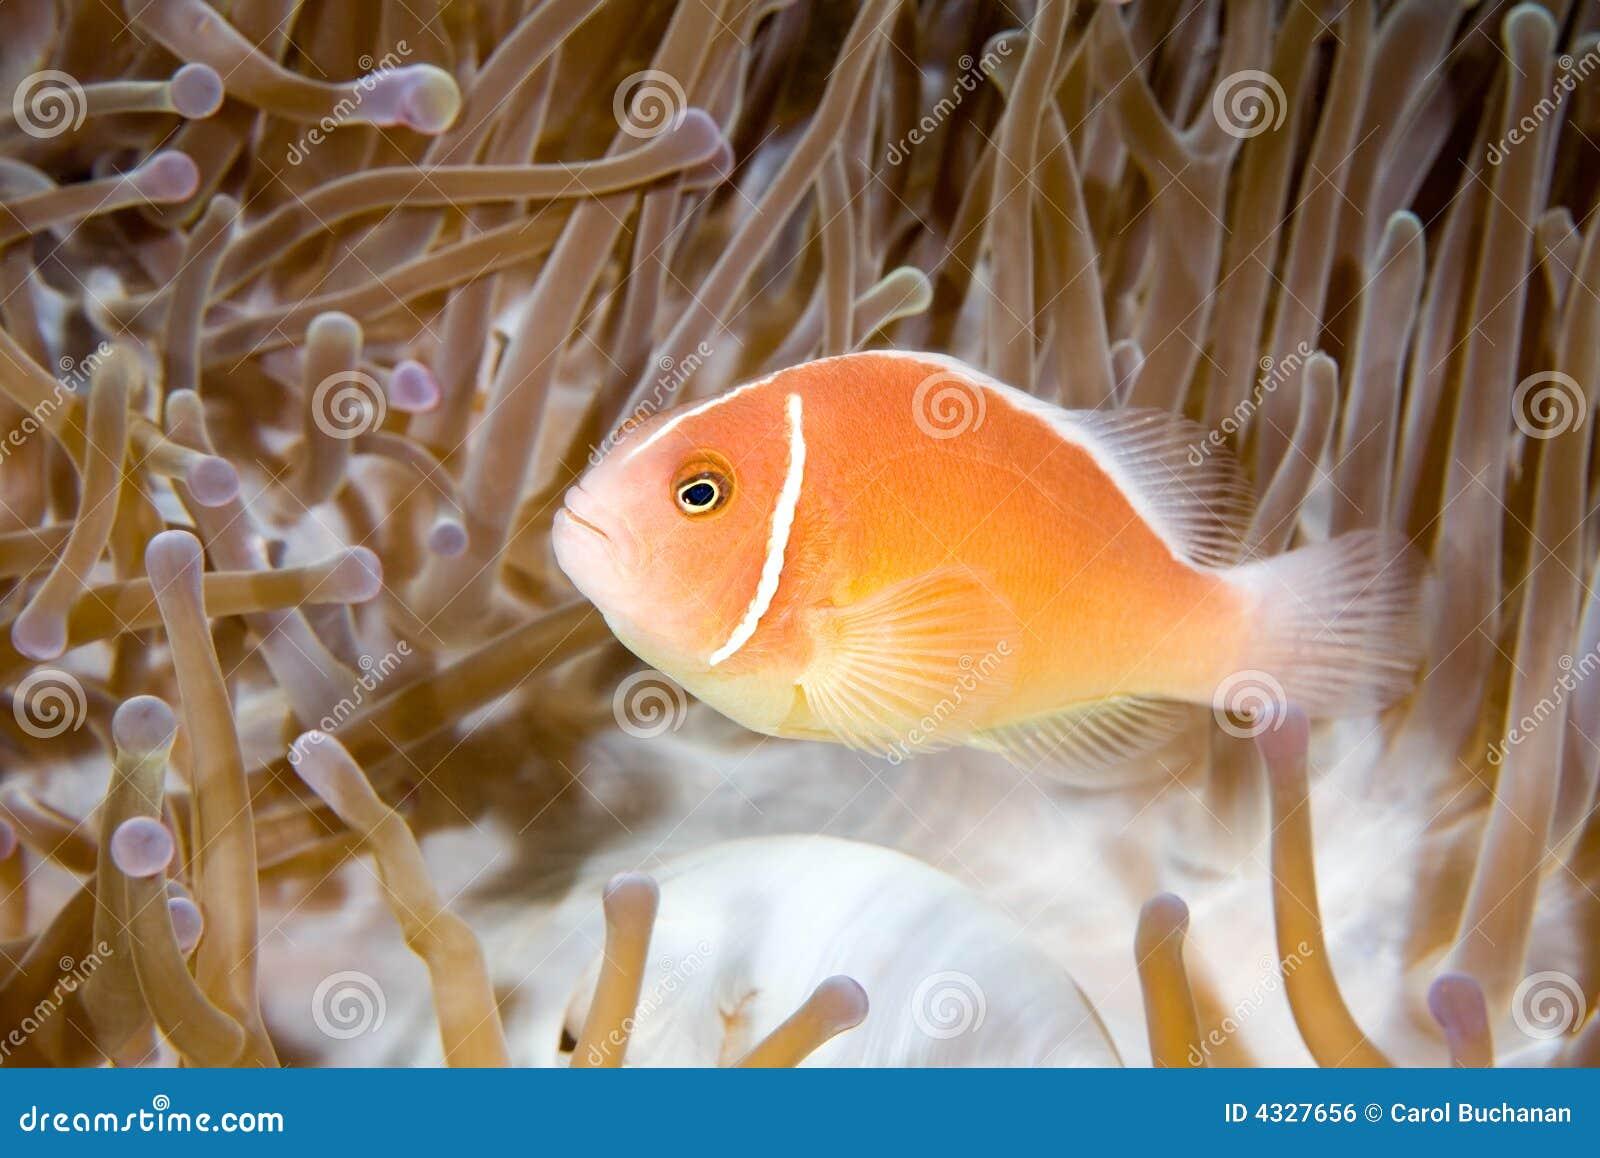 Anemonefishpink